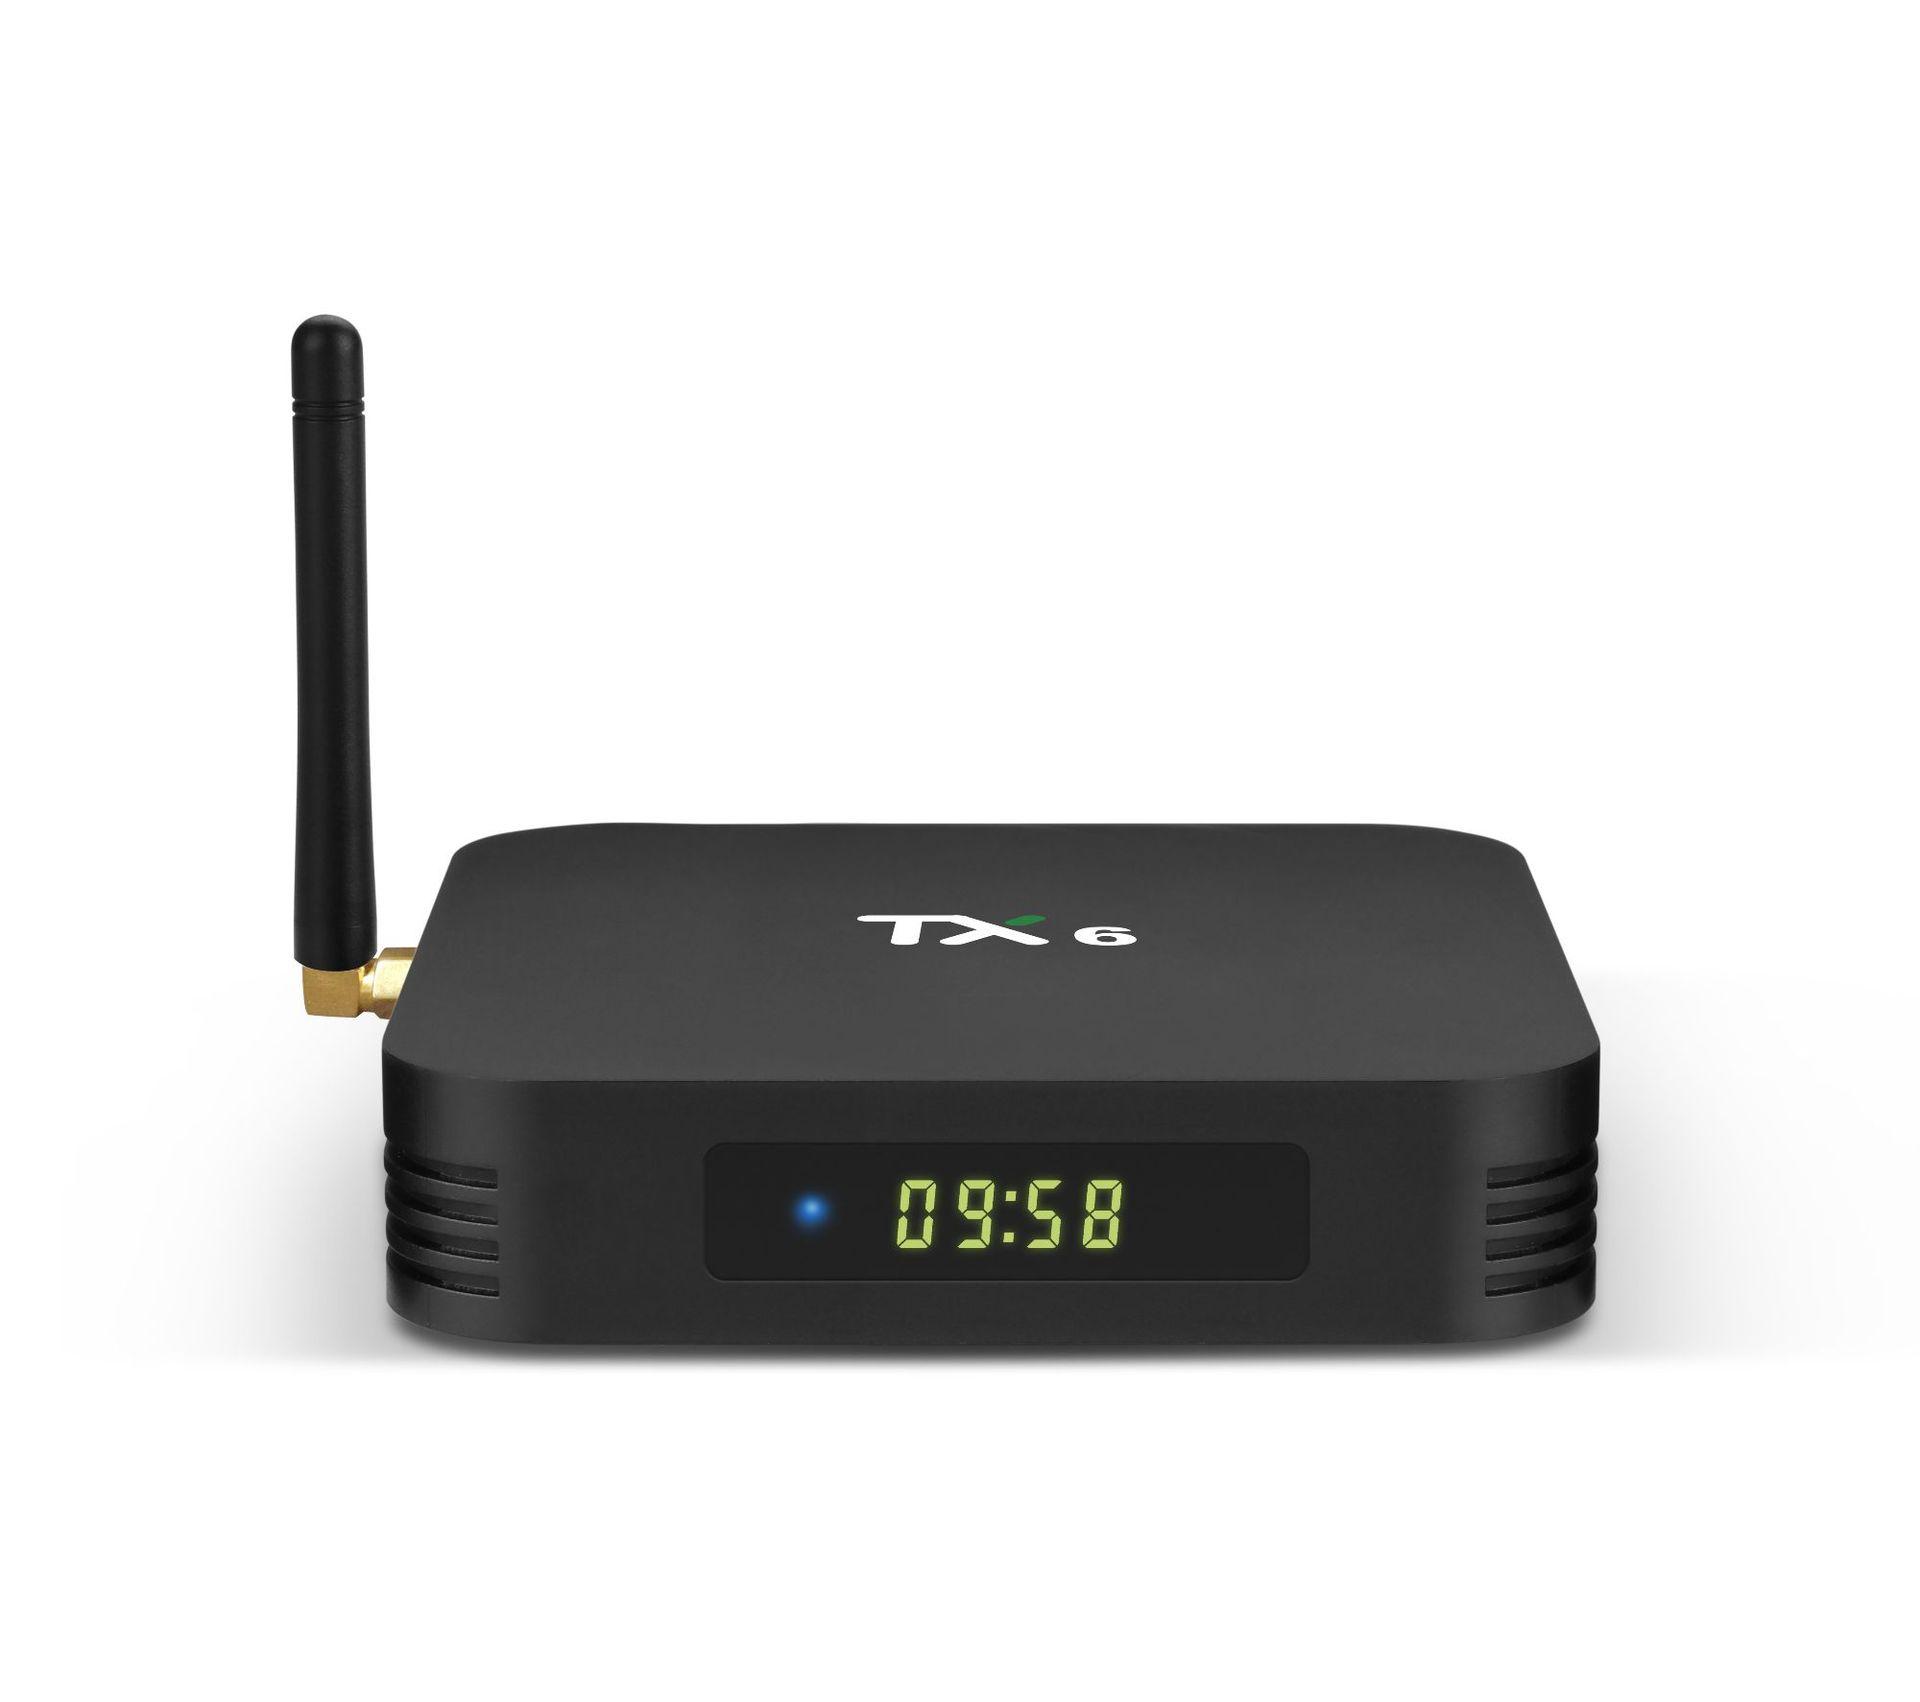 Tanix TX6 Allwinner H6 4GB RAM 32GB ROM 5G WIFI Bluetooth Smart TV Box